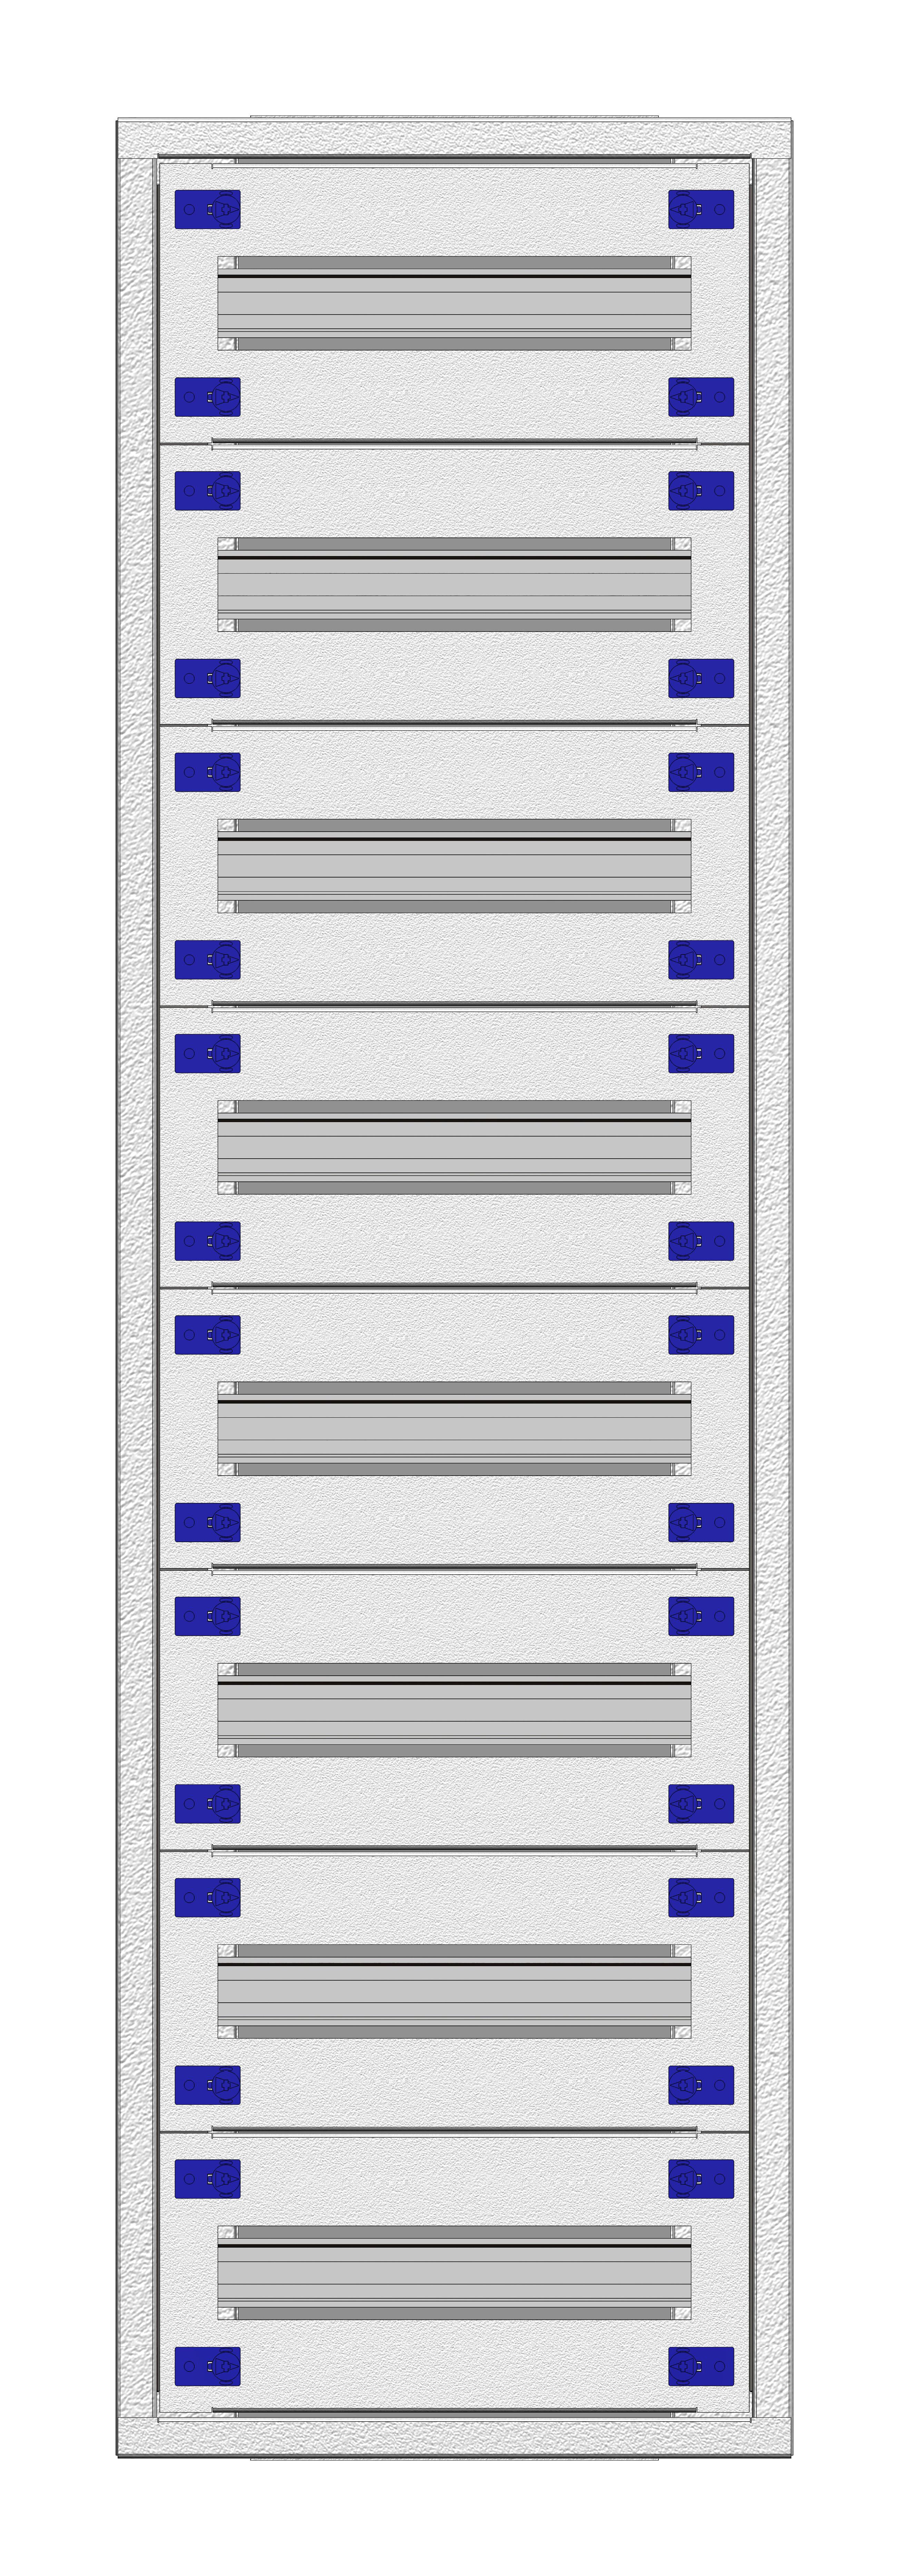 1 Stk Aufputz-Installationsverteiler 1A-24K, H1195B380T250mm IL172124AS